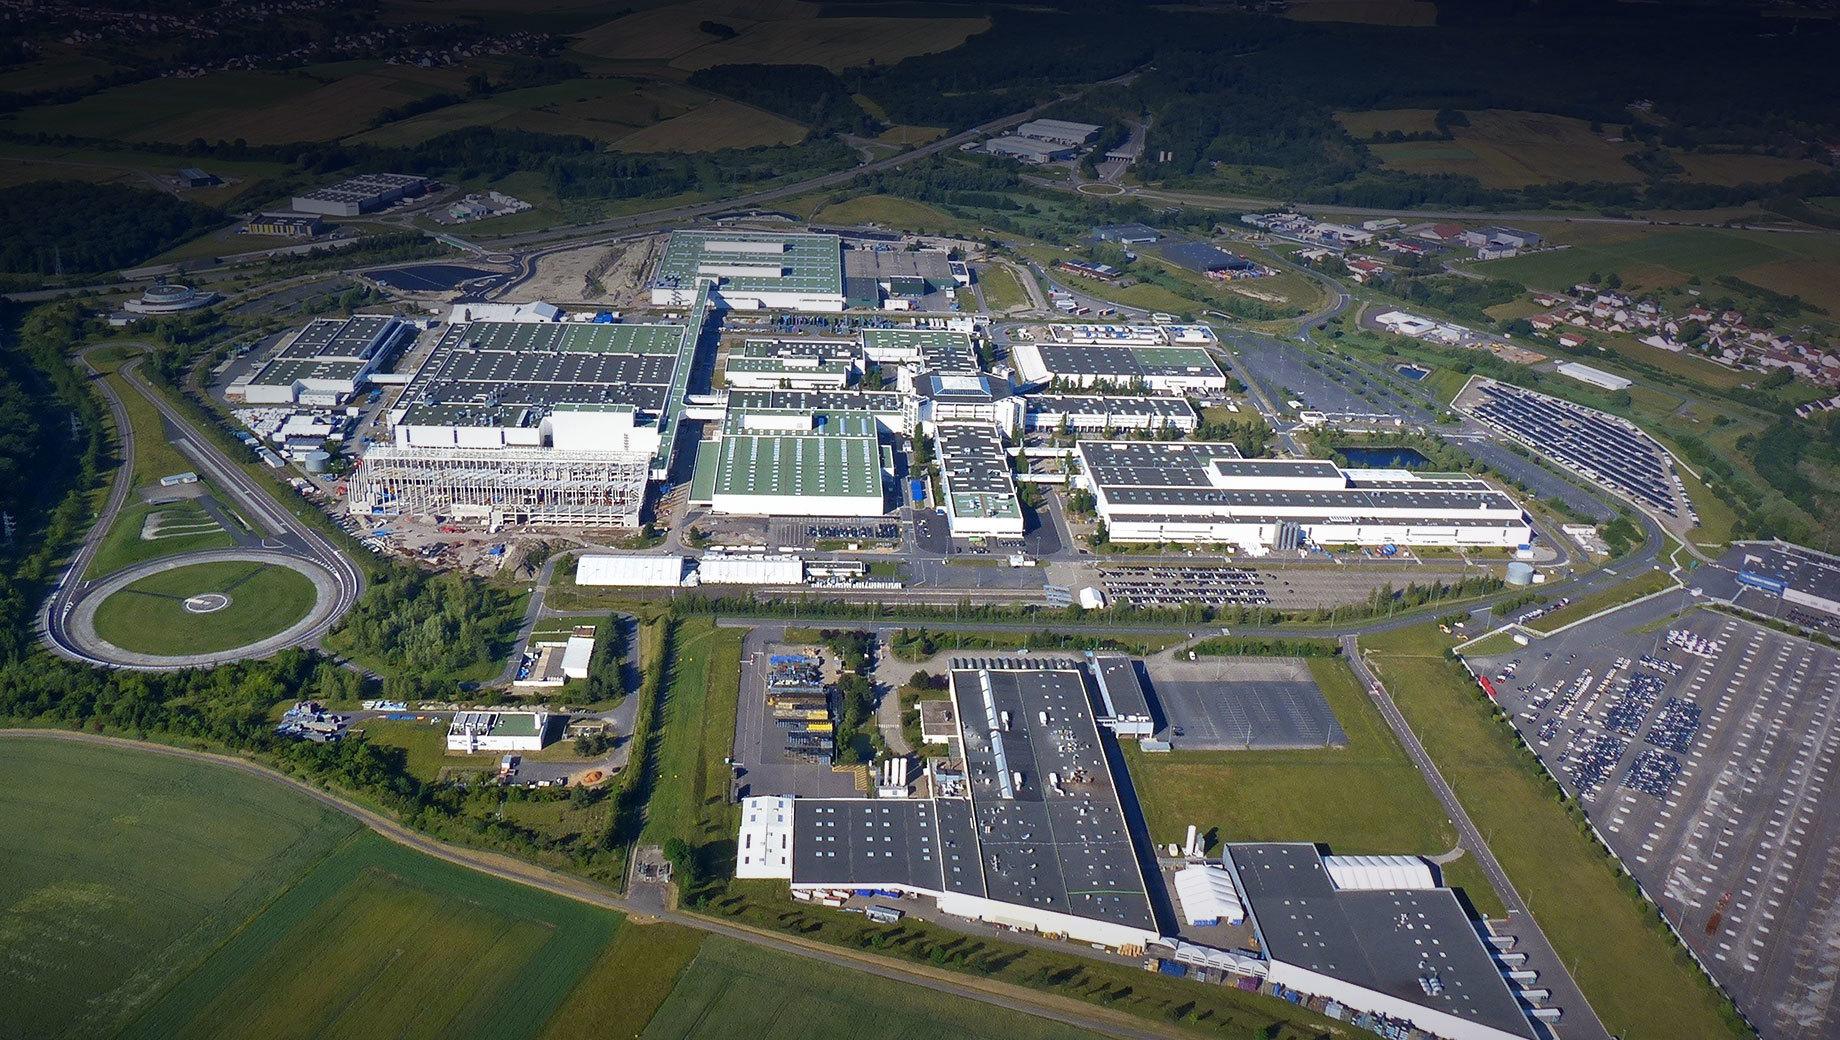 Mercedes-Benz продал завод Смарта фирме Ineos Automotive